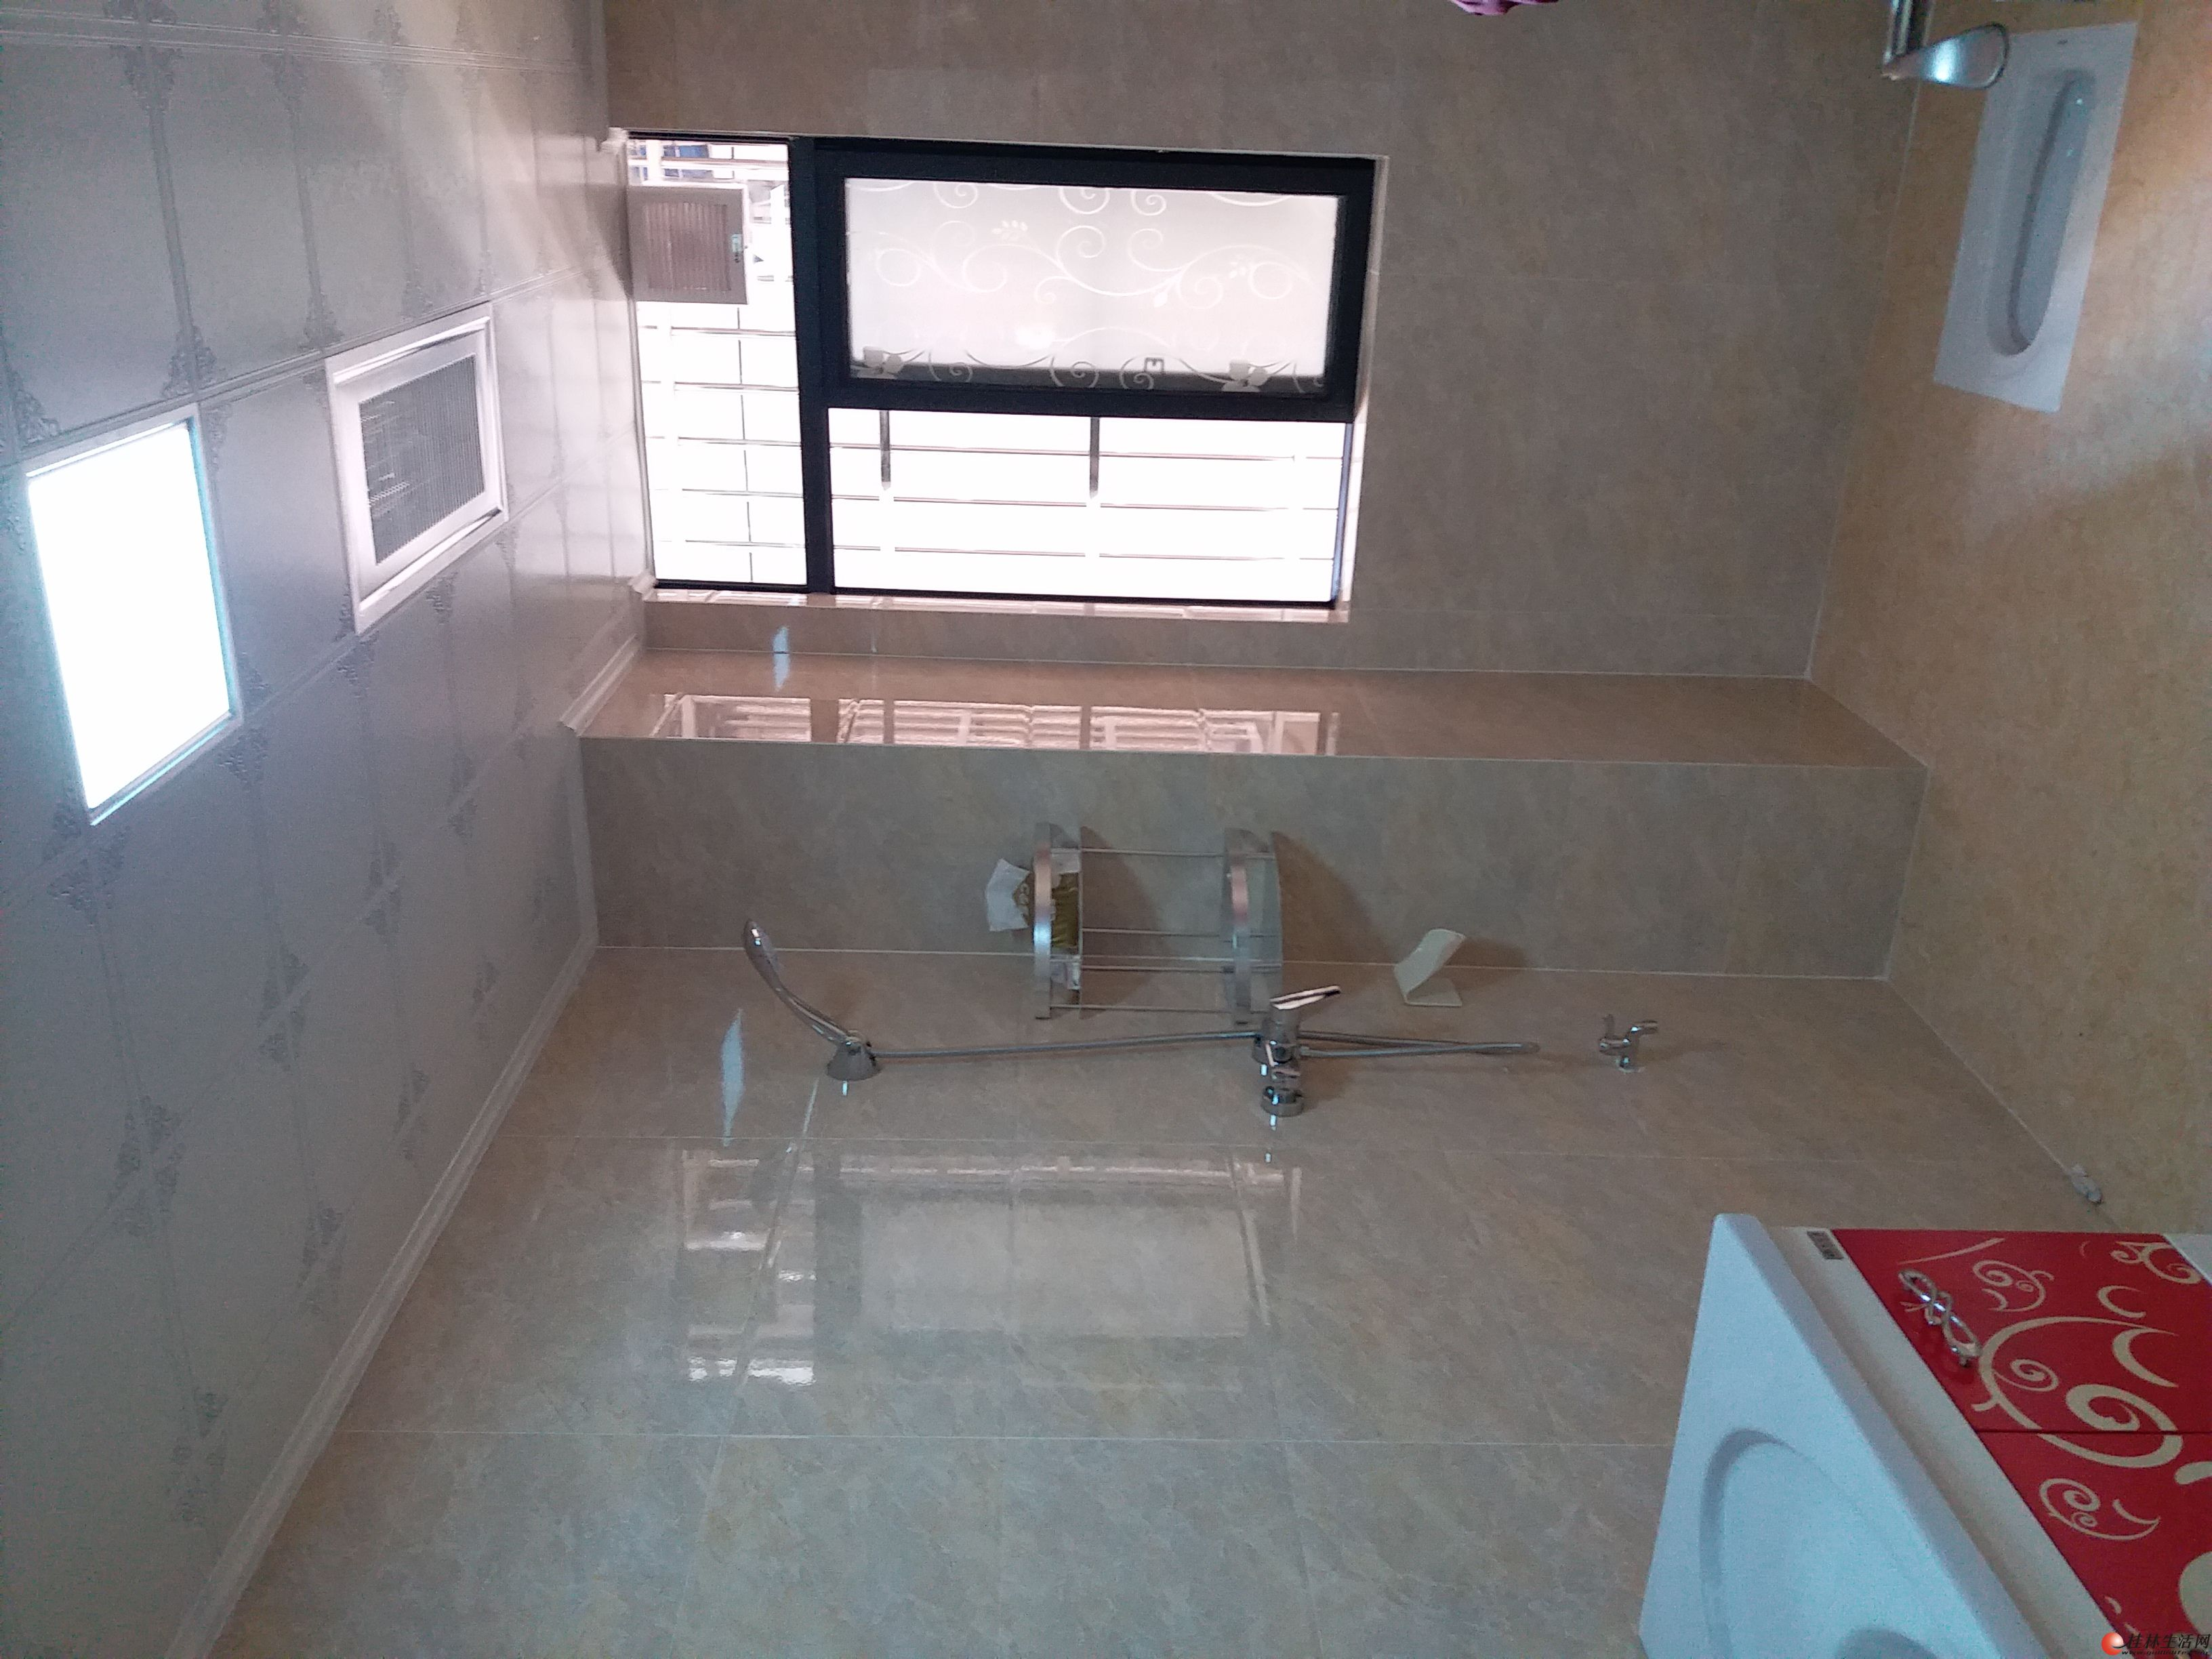 秀峰区丽景公寓三房一厅出租  2300元/月